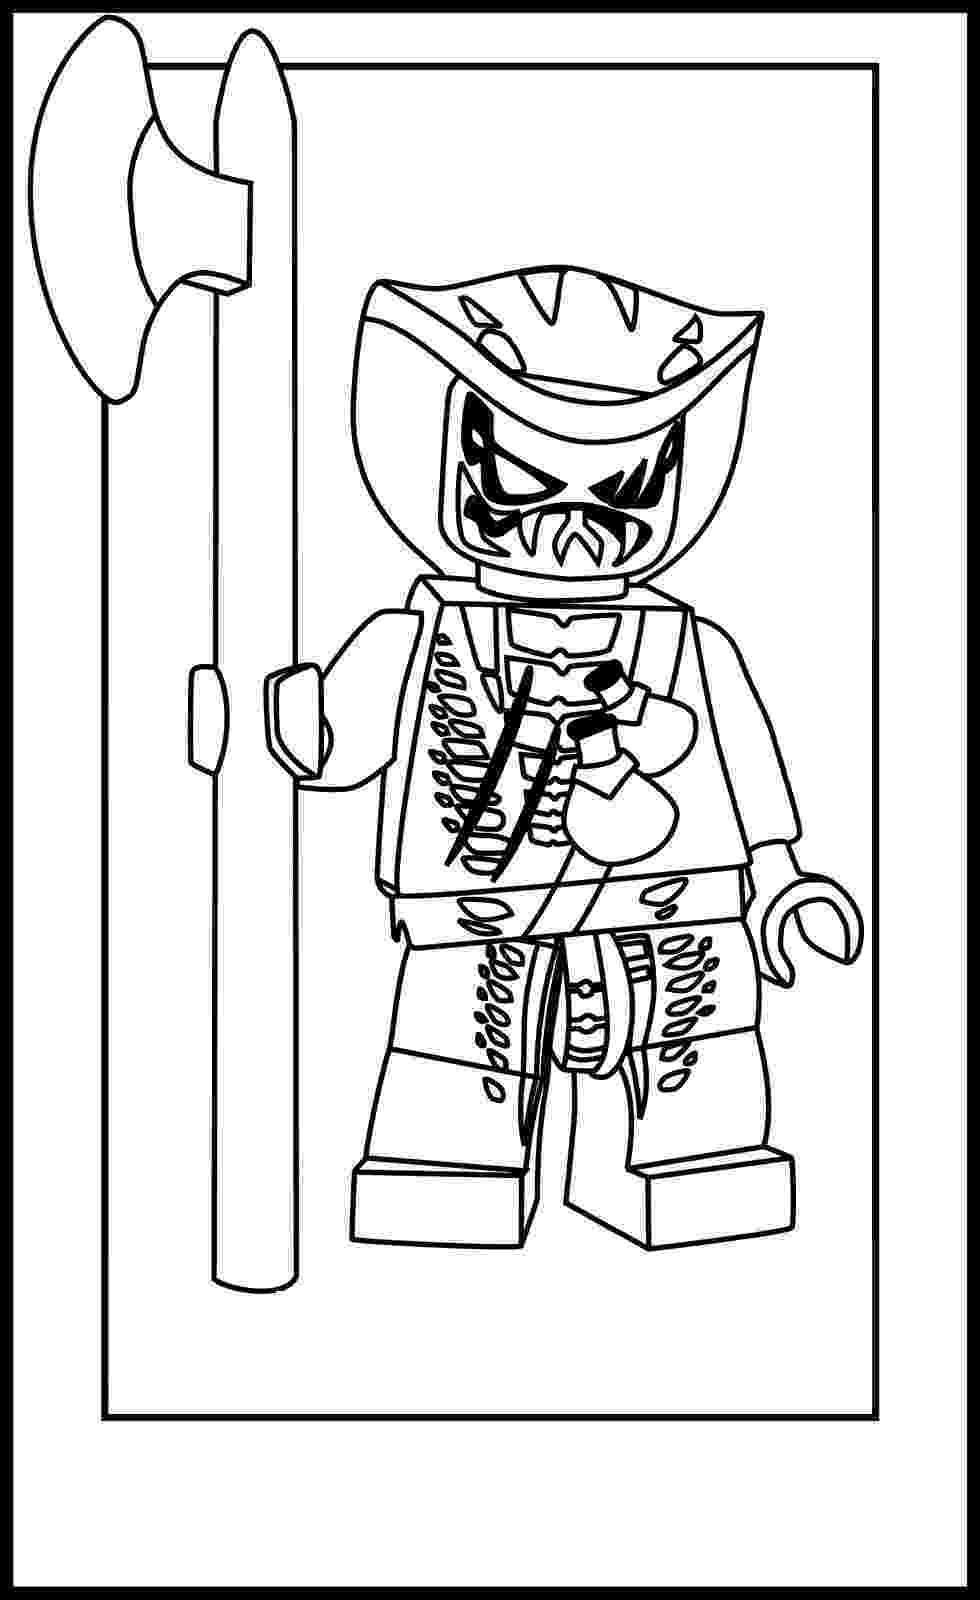 ninjago coloring sheet lego ninjago coloring pages jay 14 image coloringsnet sheet ninjago coloring